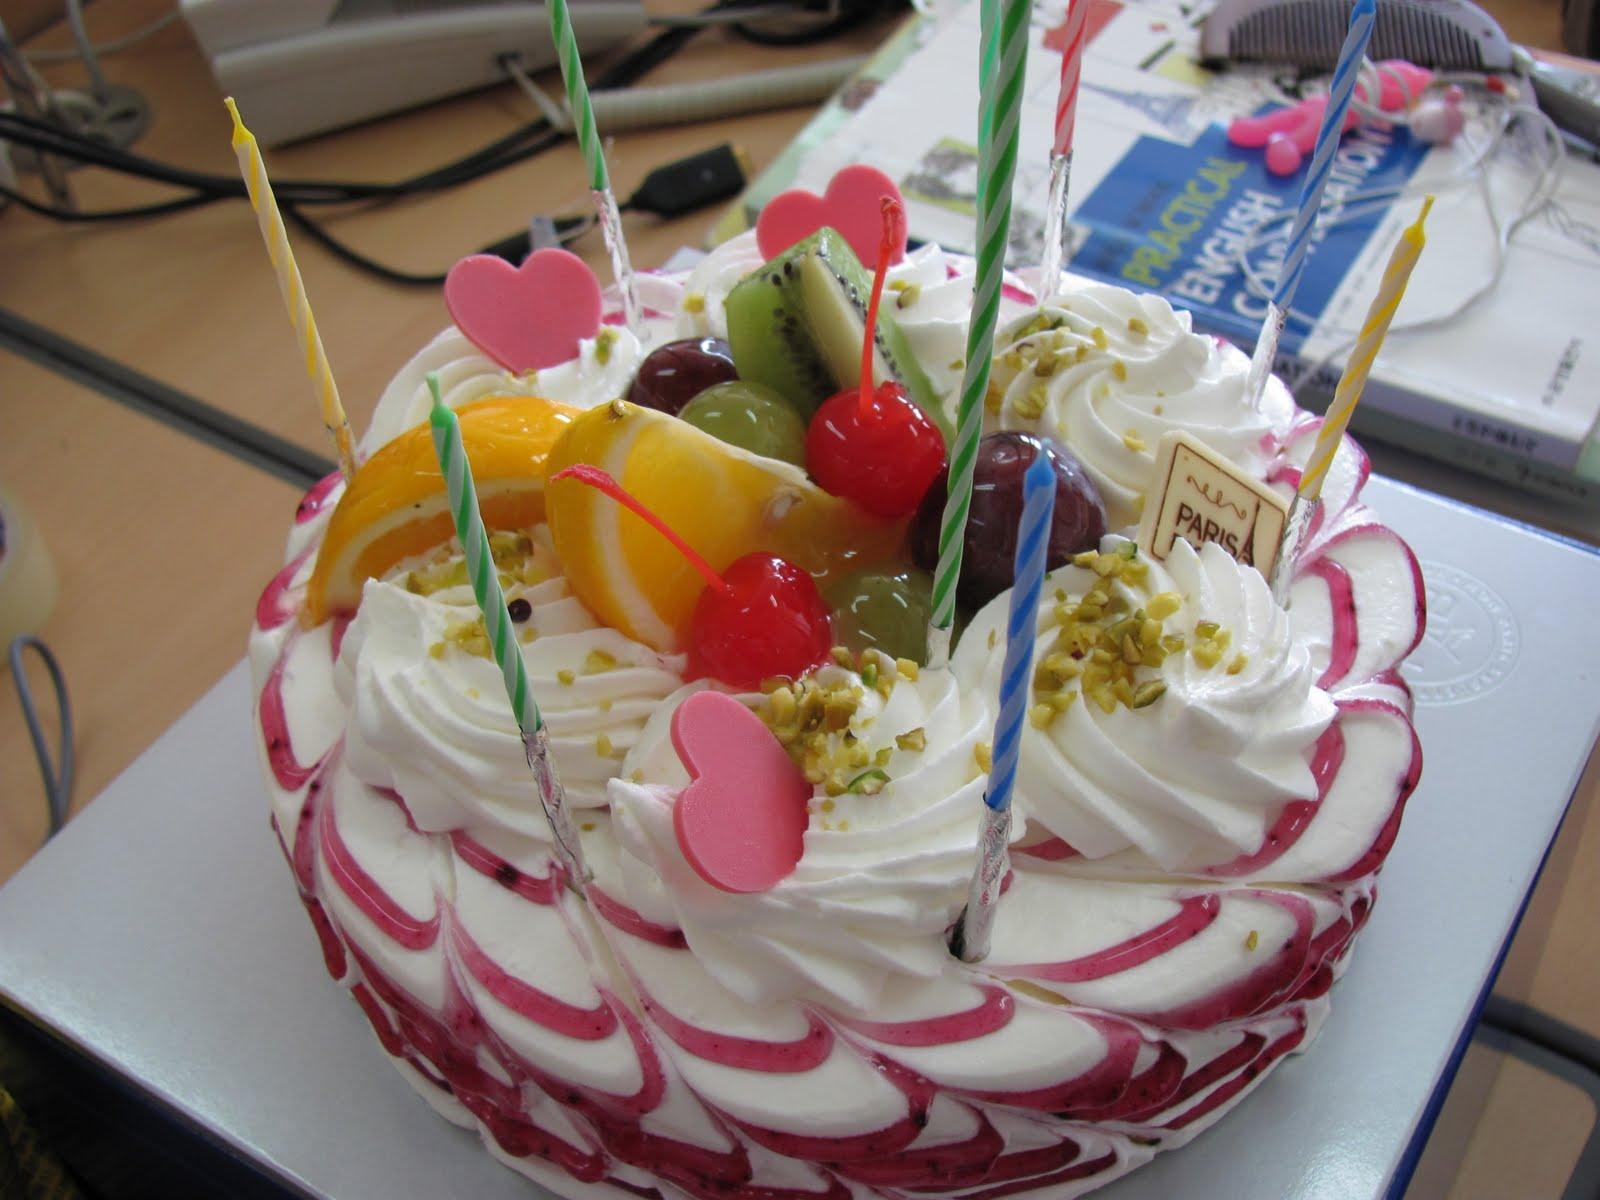 Korean Birthday Cake A Korean Birthday Celebration This Is Rice